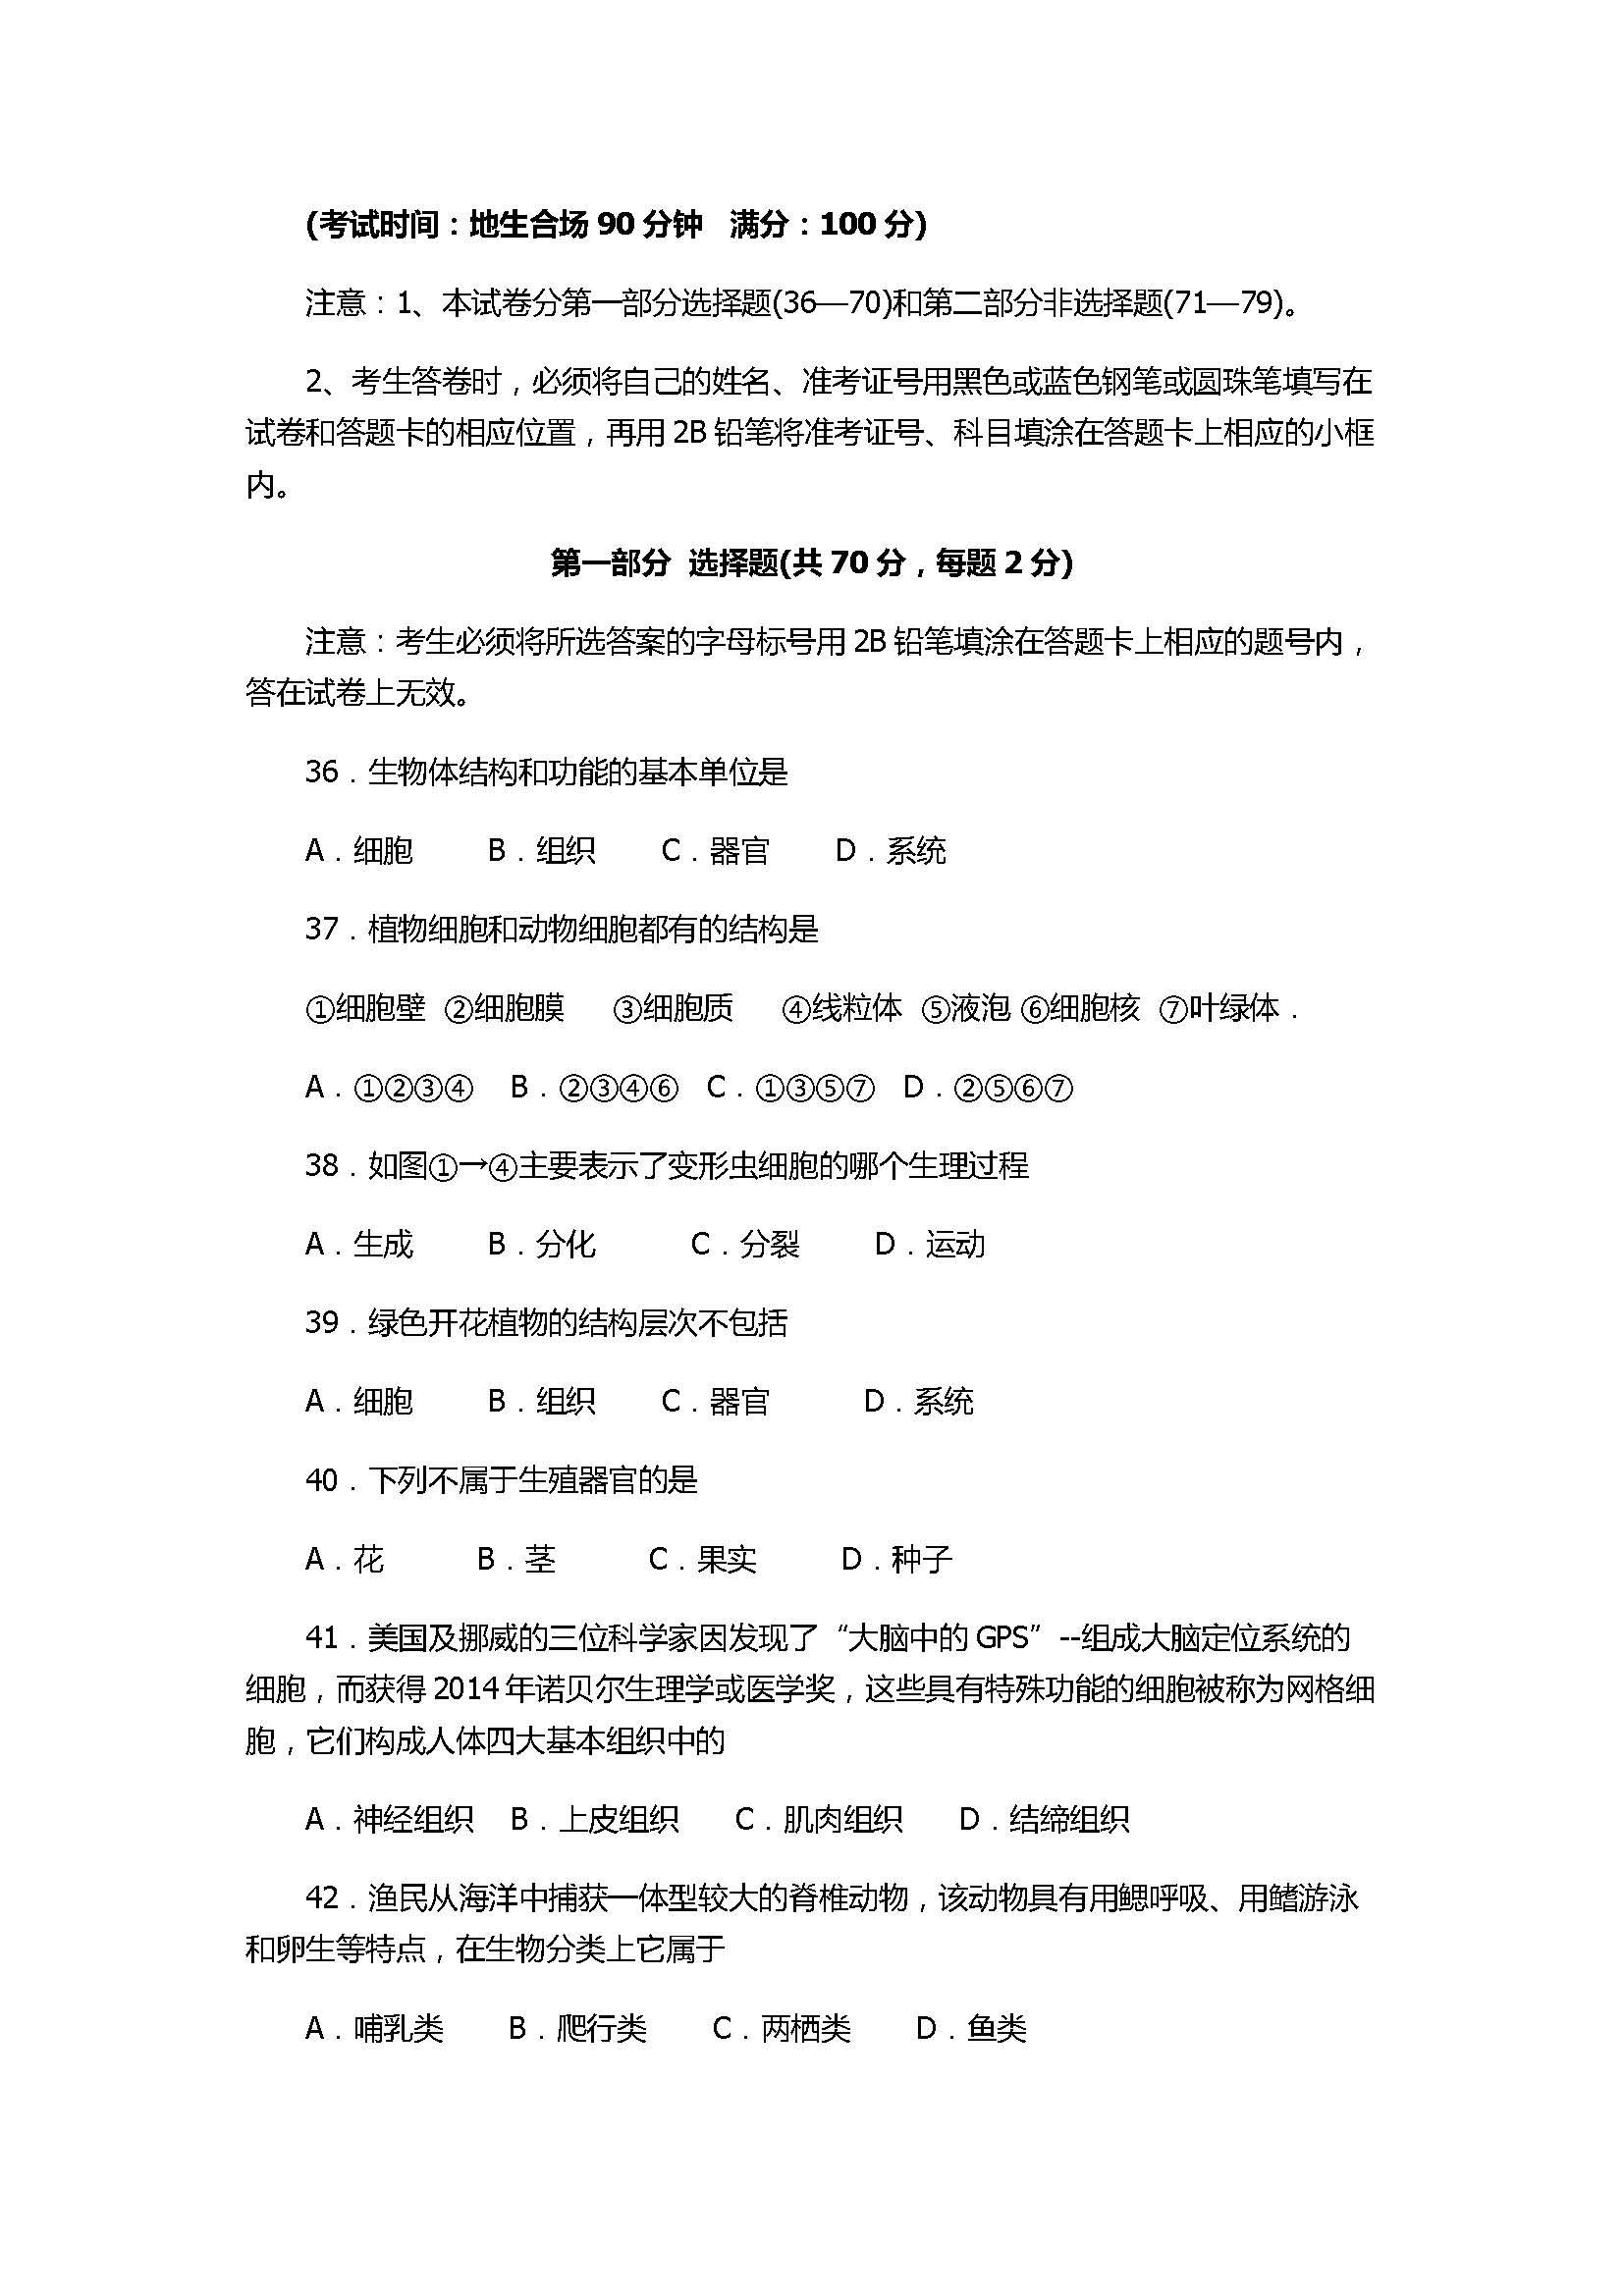 2017七年级生物期末试卷附参考答案(泰兴市)